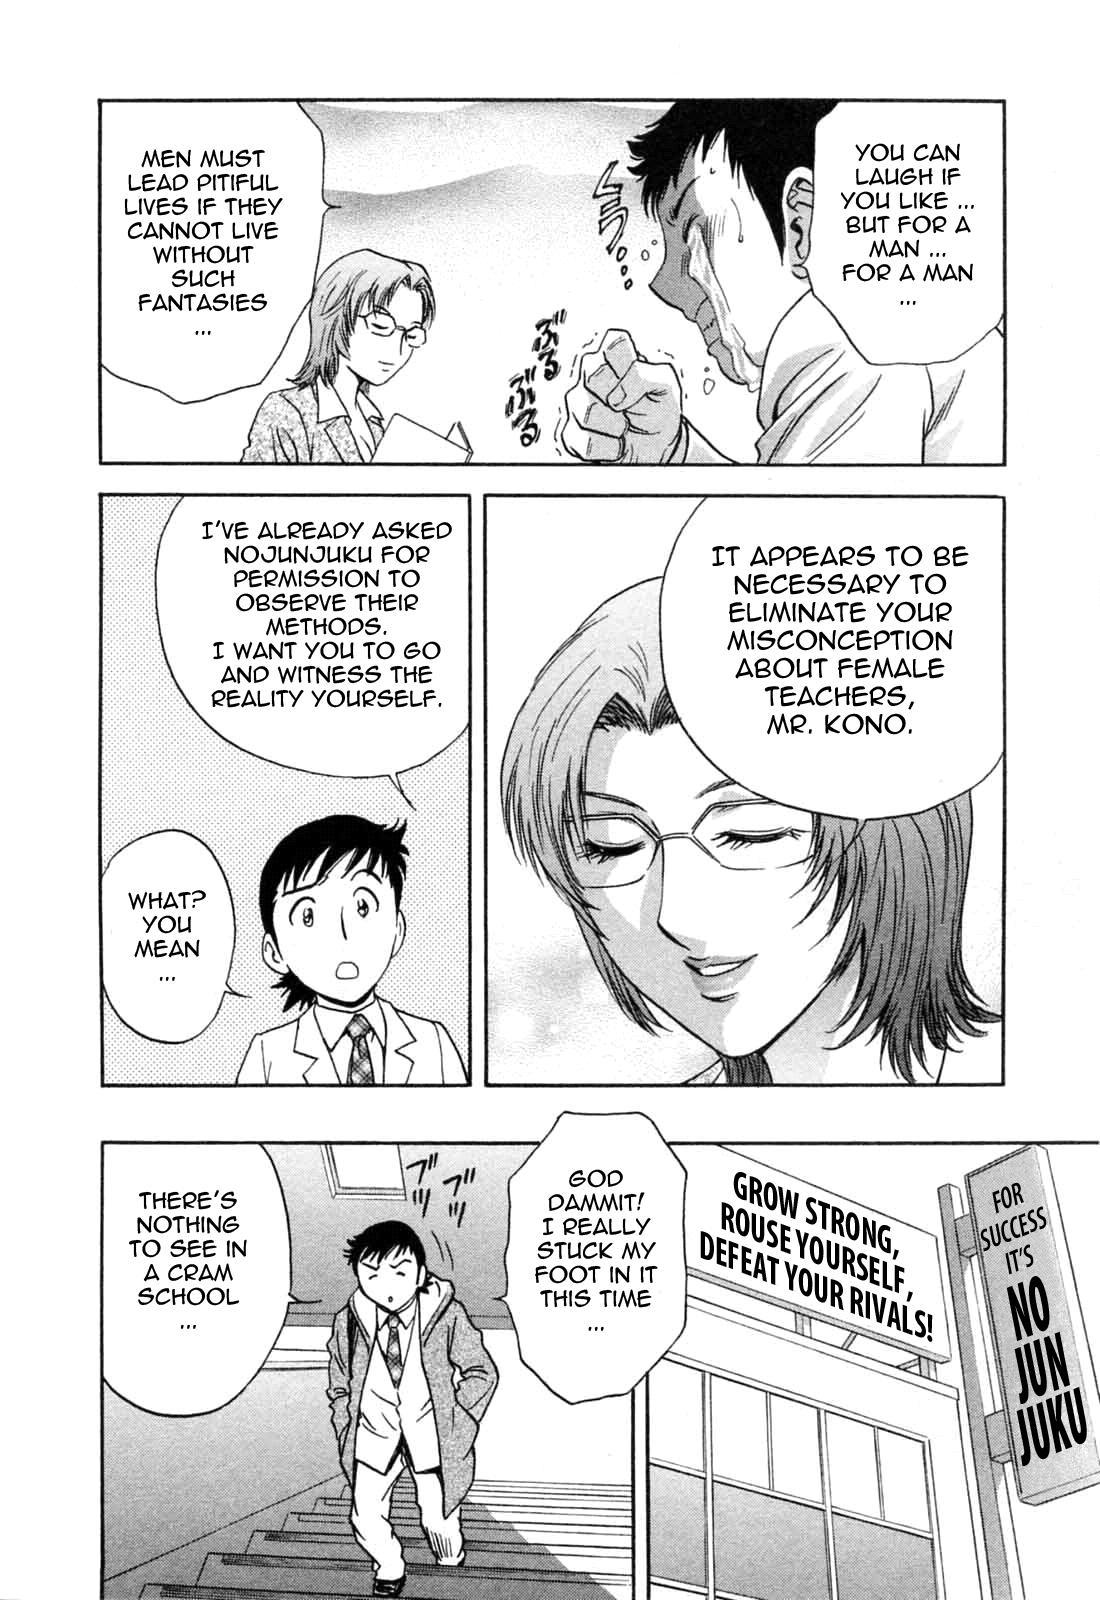 [Hidemaru] Mo-Retsu! Boin Sensei (Boing Boing Teacher) Vol.5 [English] [4dawgz] [Tadanohito] 12